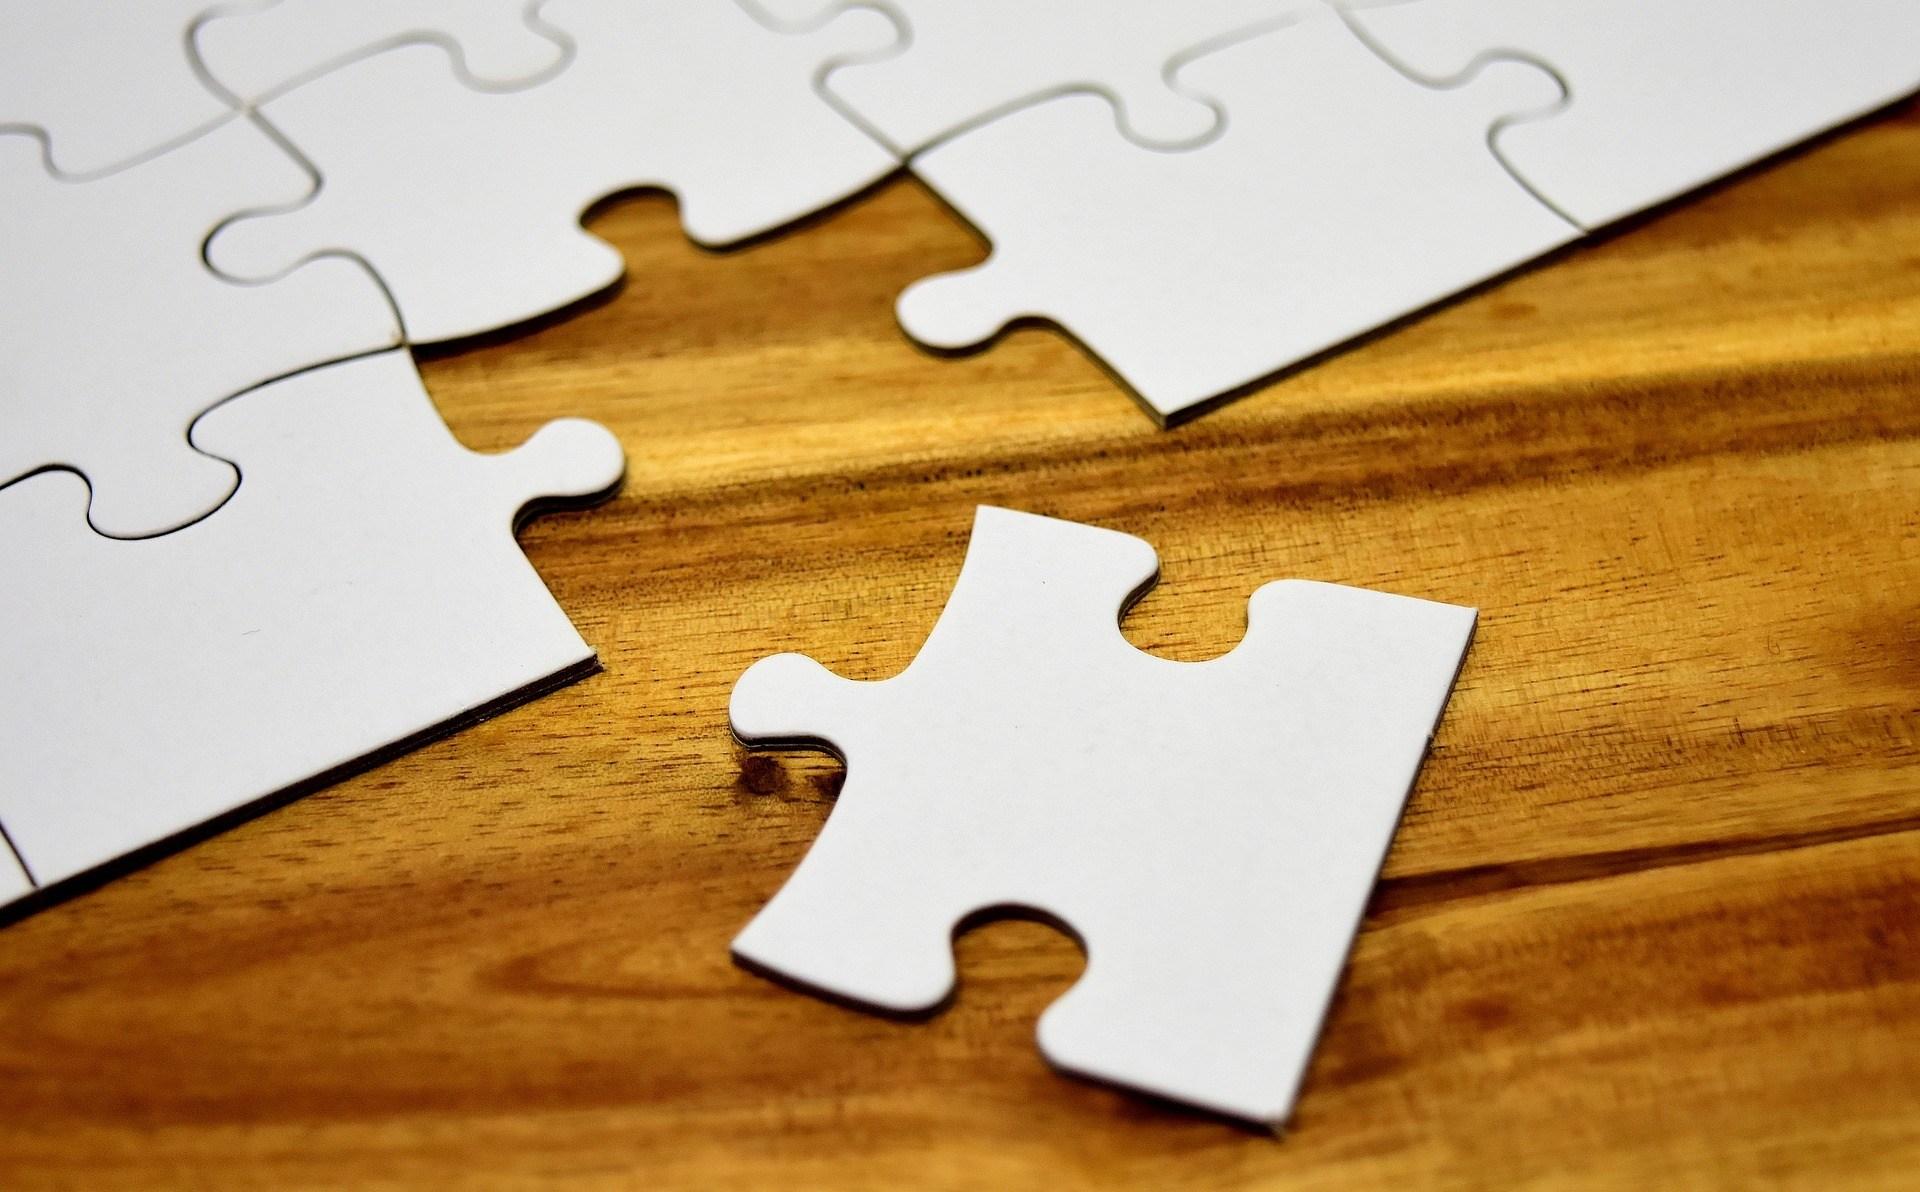 dernière pièce du puzzle